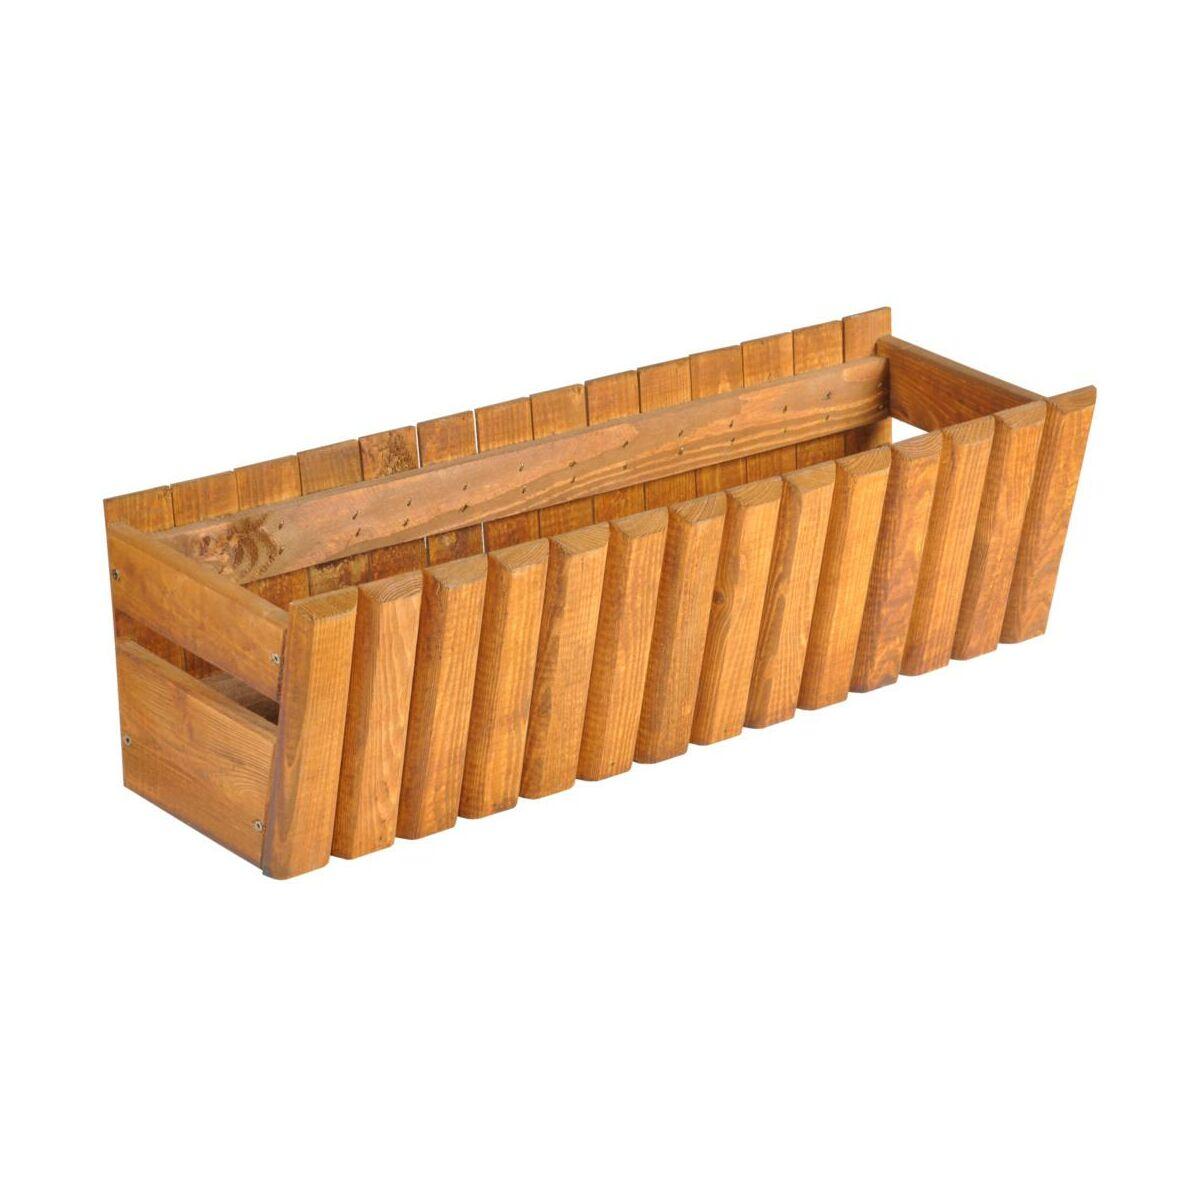 Doniczka Balkonowa 60 X 20 Cm Drewniana Brązowa Stokrotka Sobex